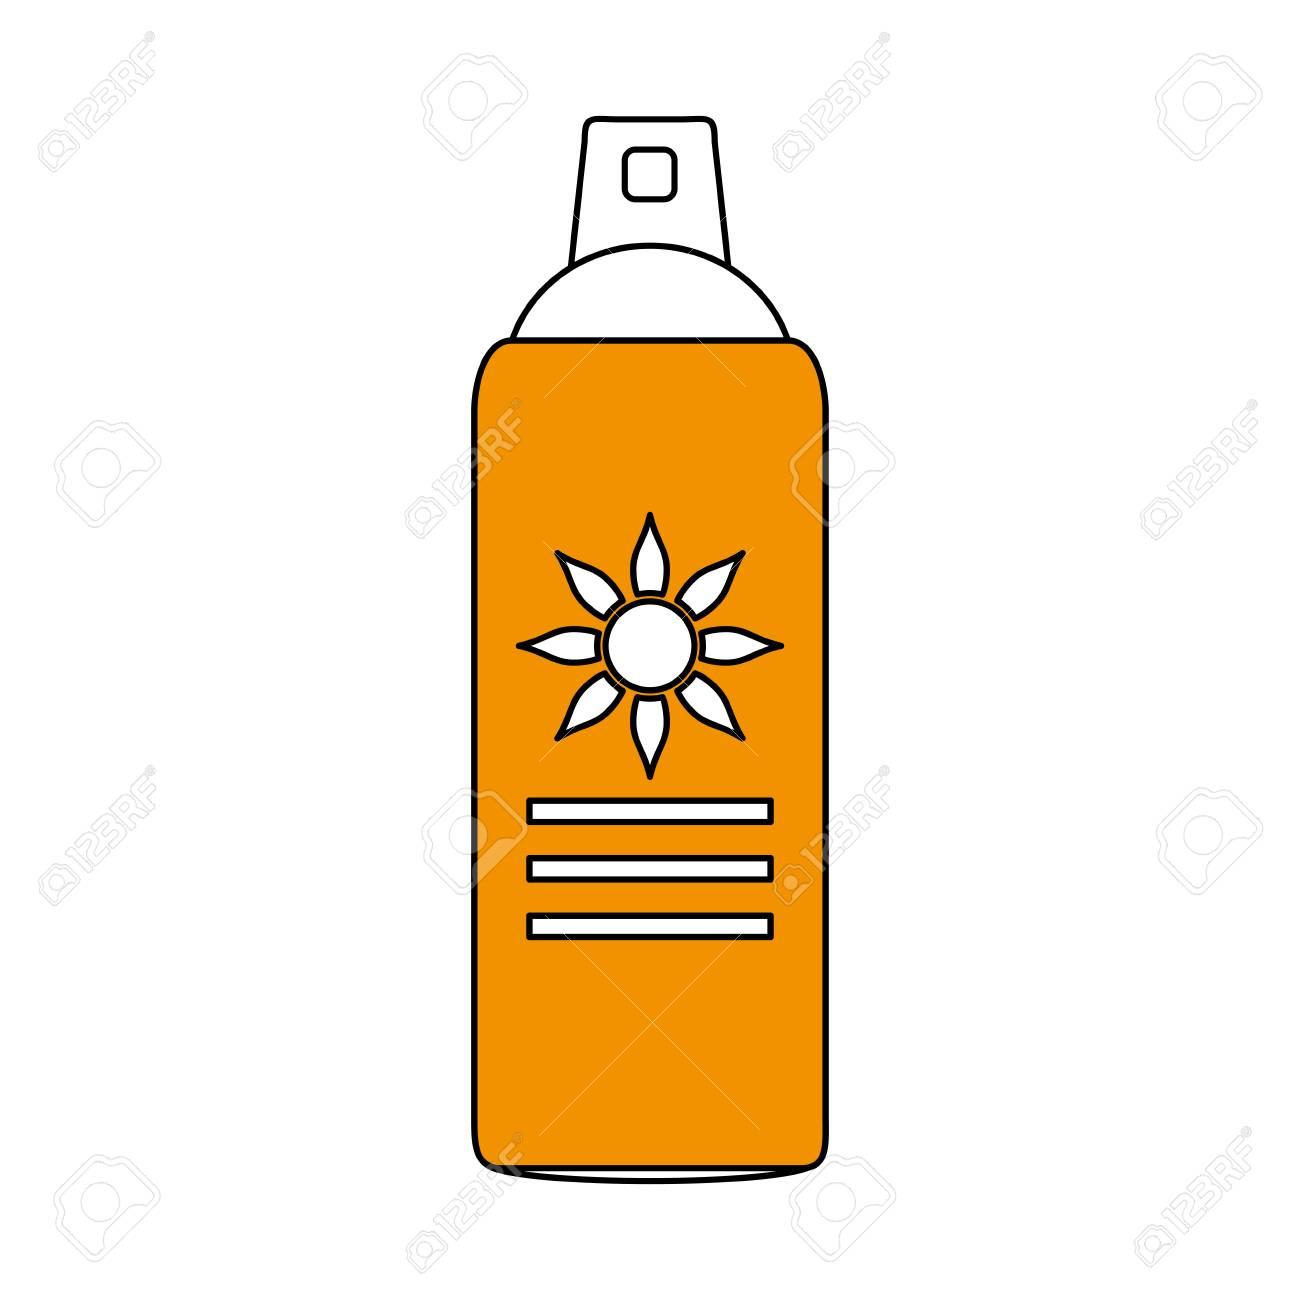 色シルエット イメージ黄色日焼け止めスプレー ボトル ベクトル イラスト